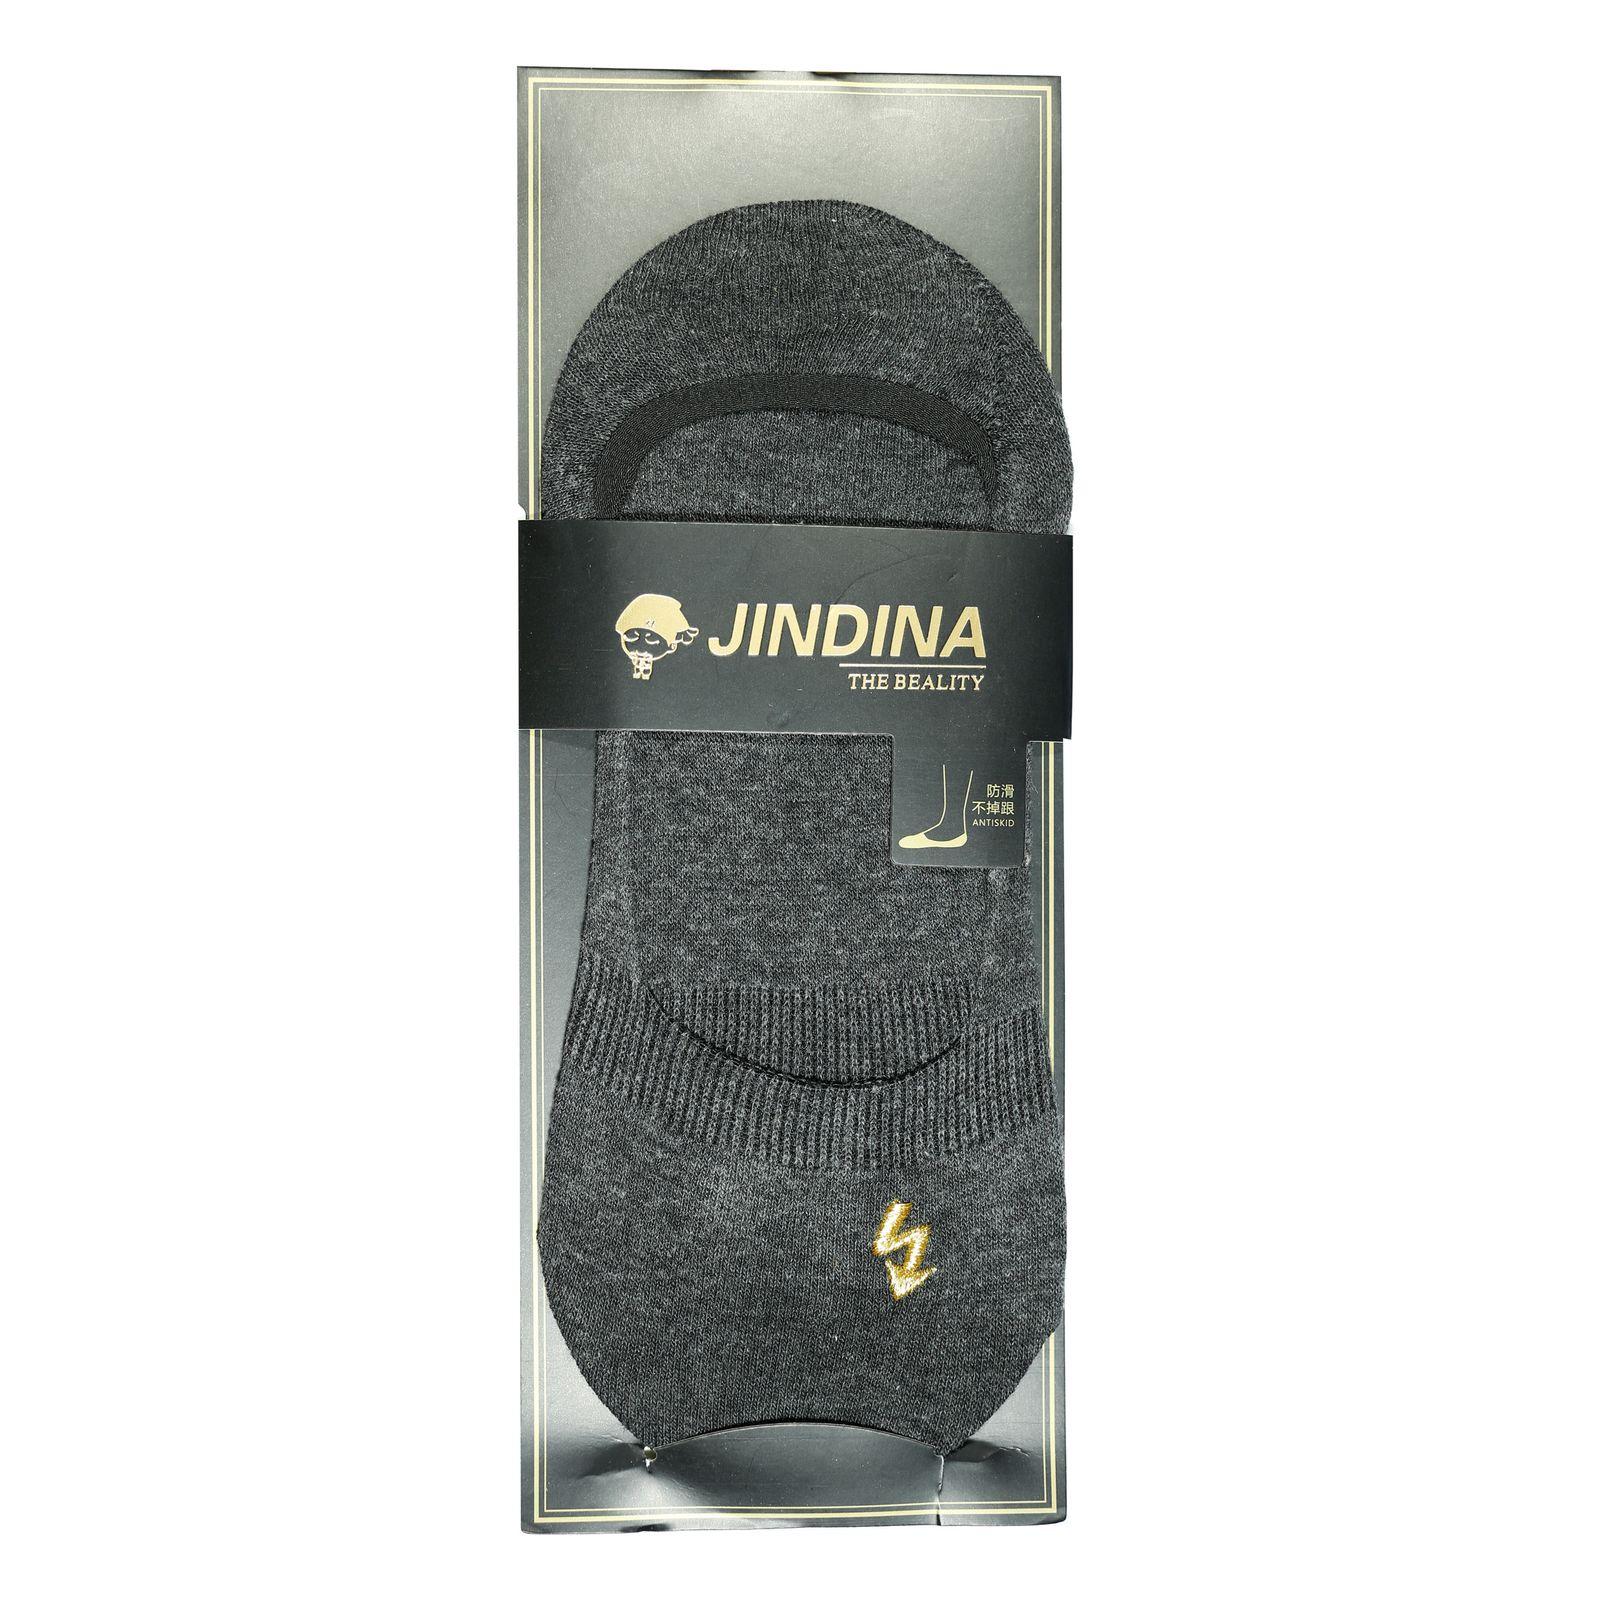 جوراب مردانه جین دینا کد BL-CK 202 مجموعه 3 عددی -  - 5